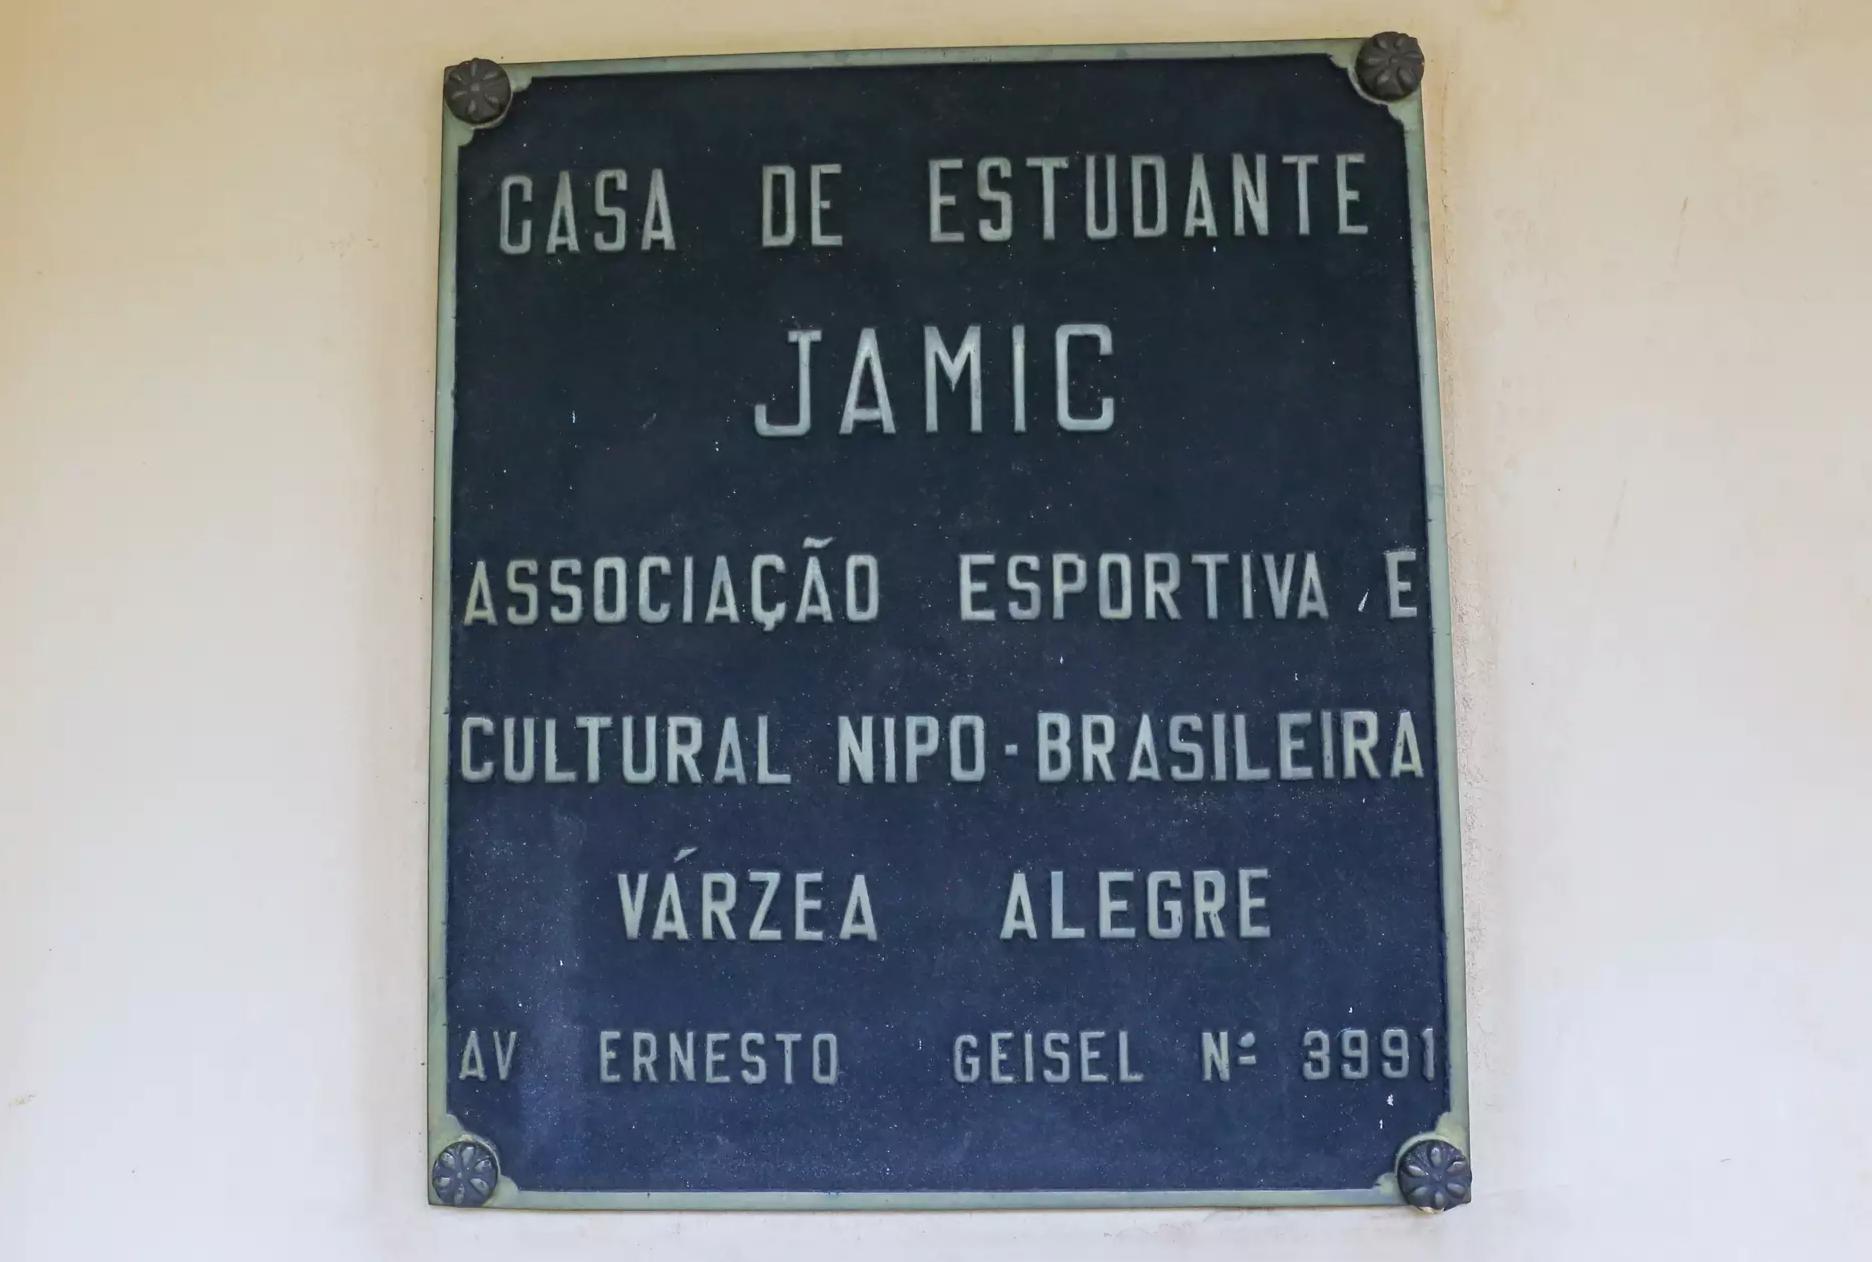 Esta é a placa que indica o endereço e a instituição responsável pelo Jamic (Foto: Paulo Francis)